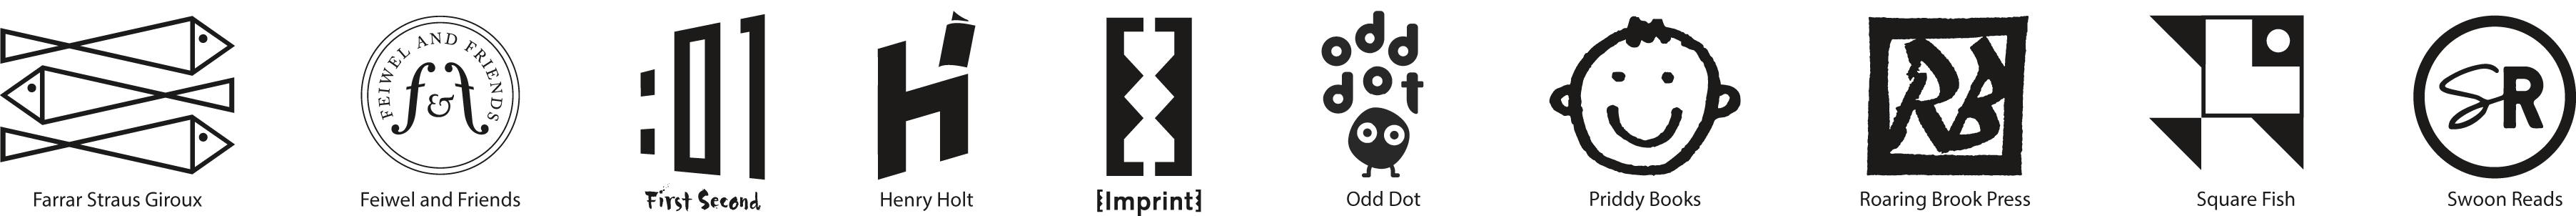 MCPG-Logos-Band-2018-(1)